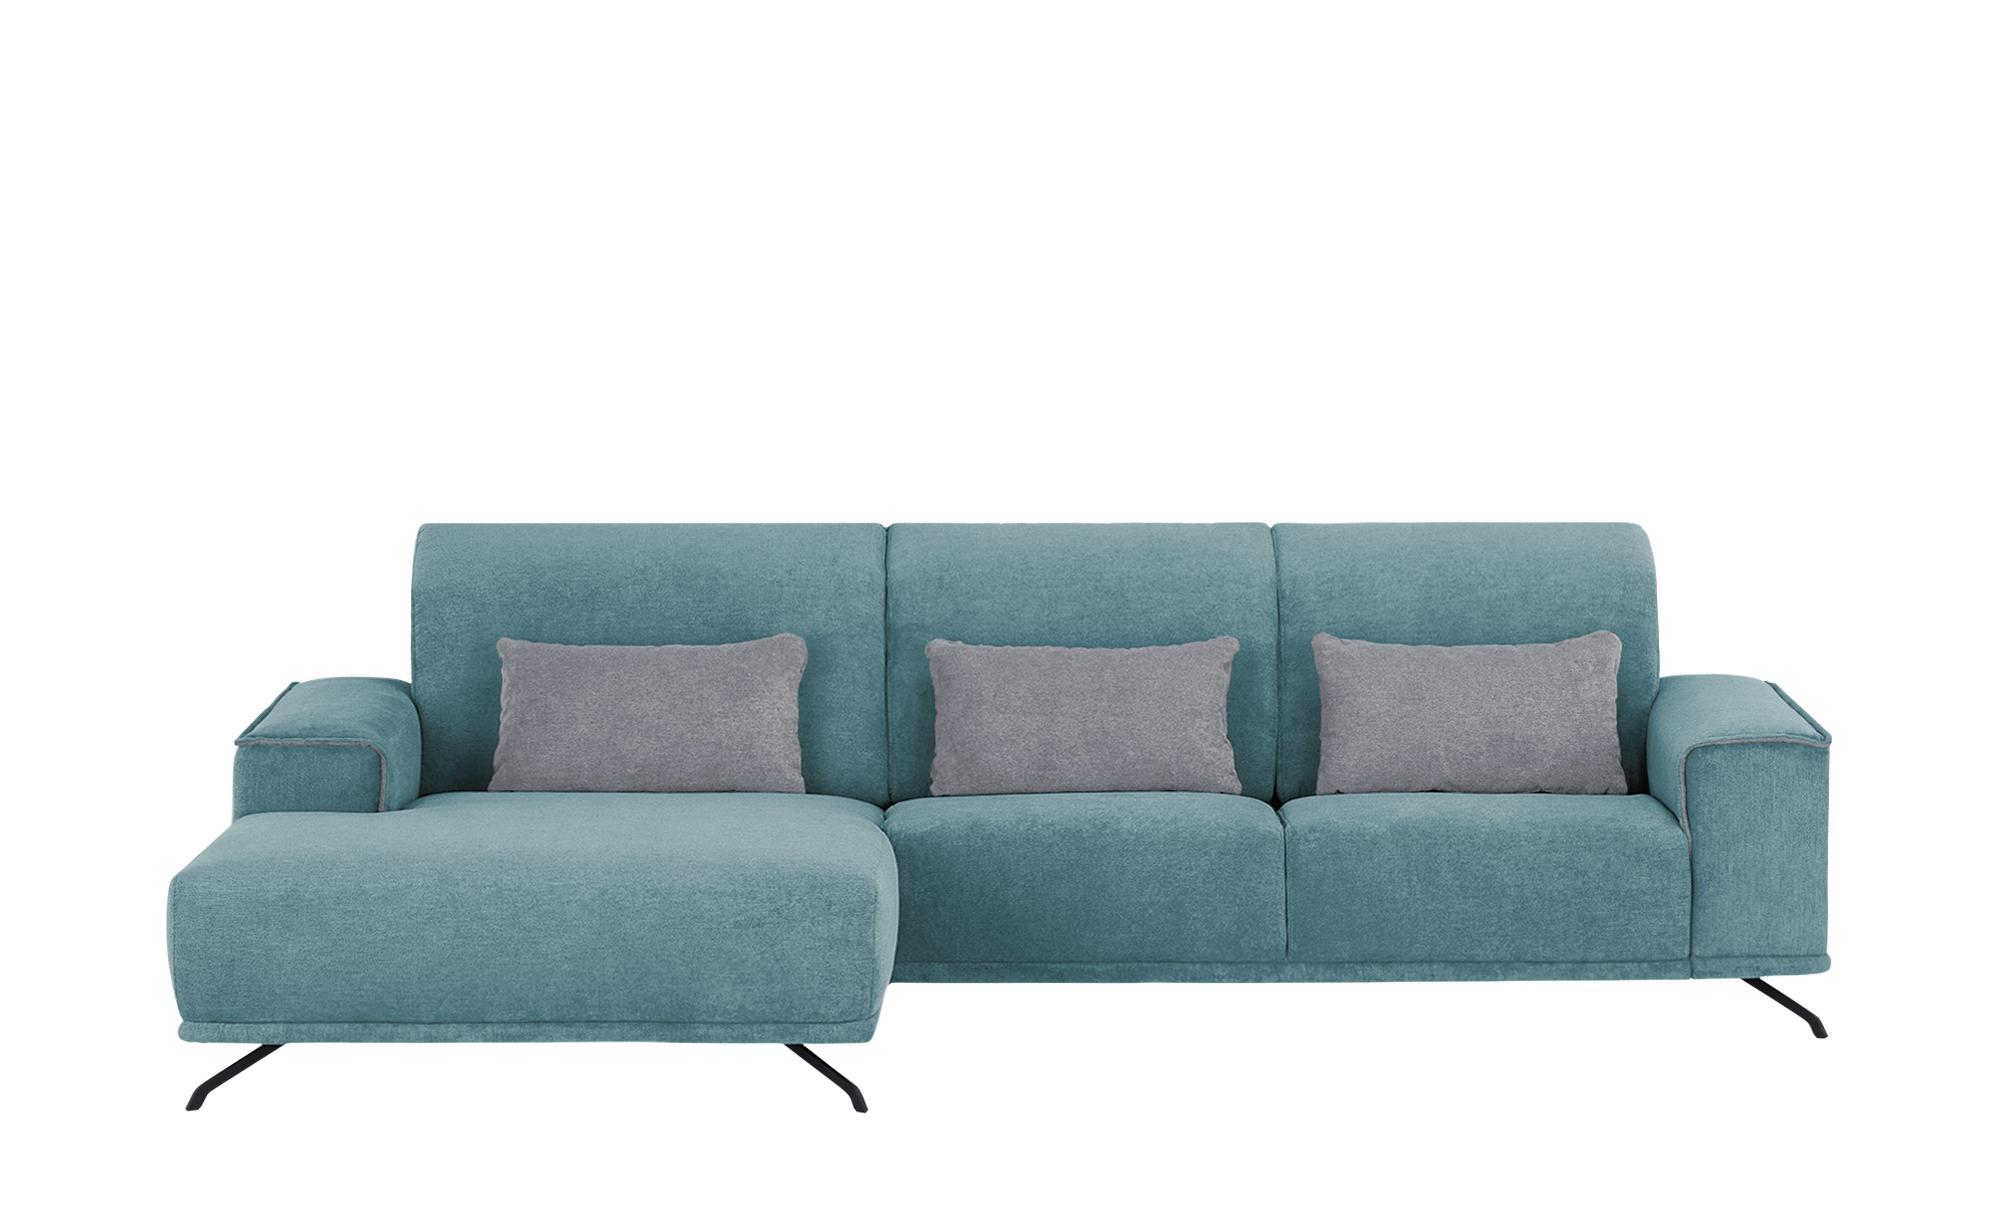 Wohnlandschaft  Robbin ¦ blau ¦ Maße (cm): H: 100 Polstermöbel > Sofas > Ecksofas - Höffner